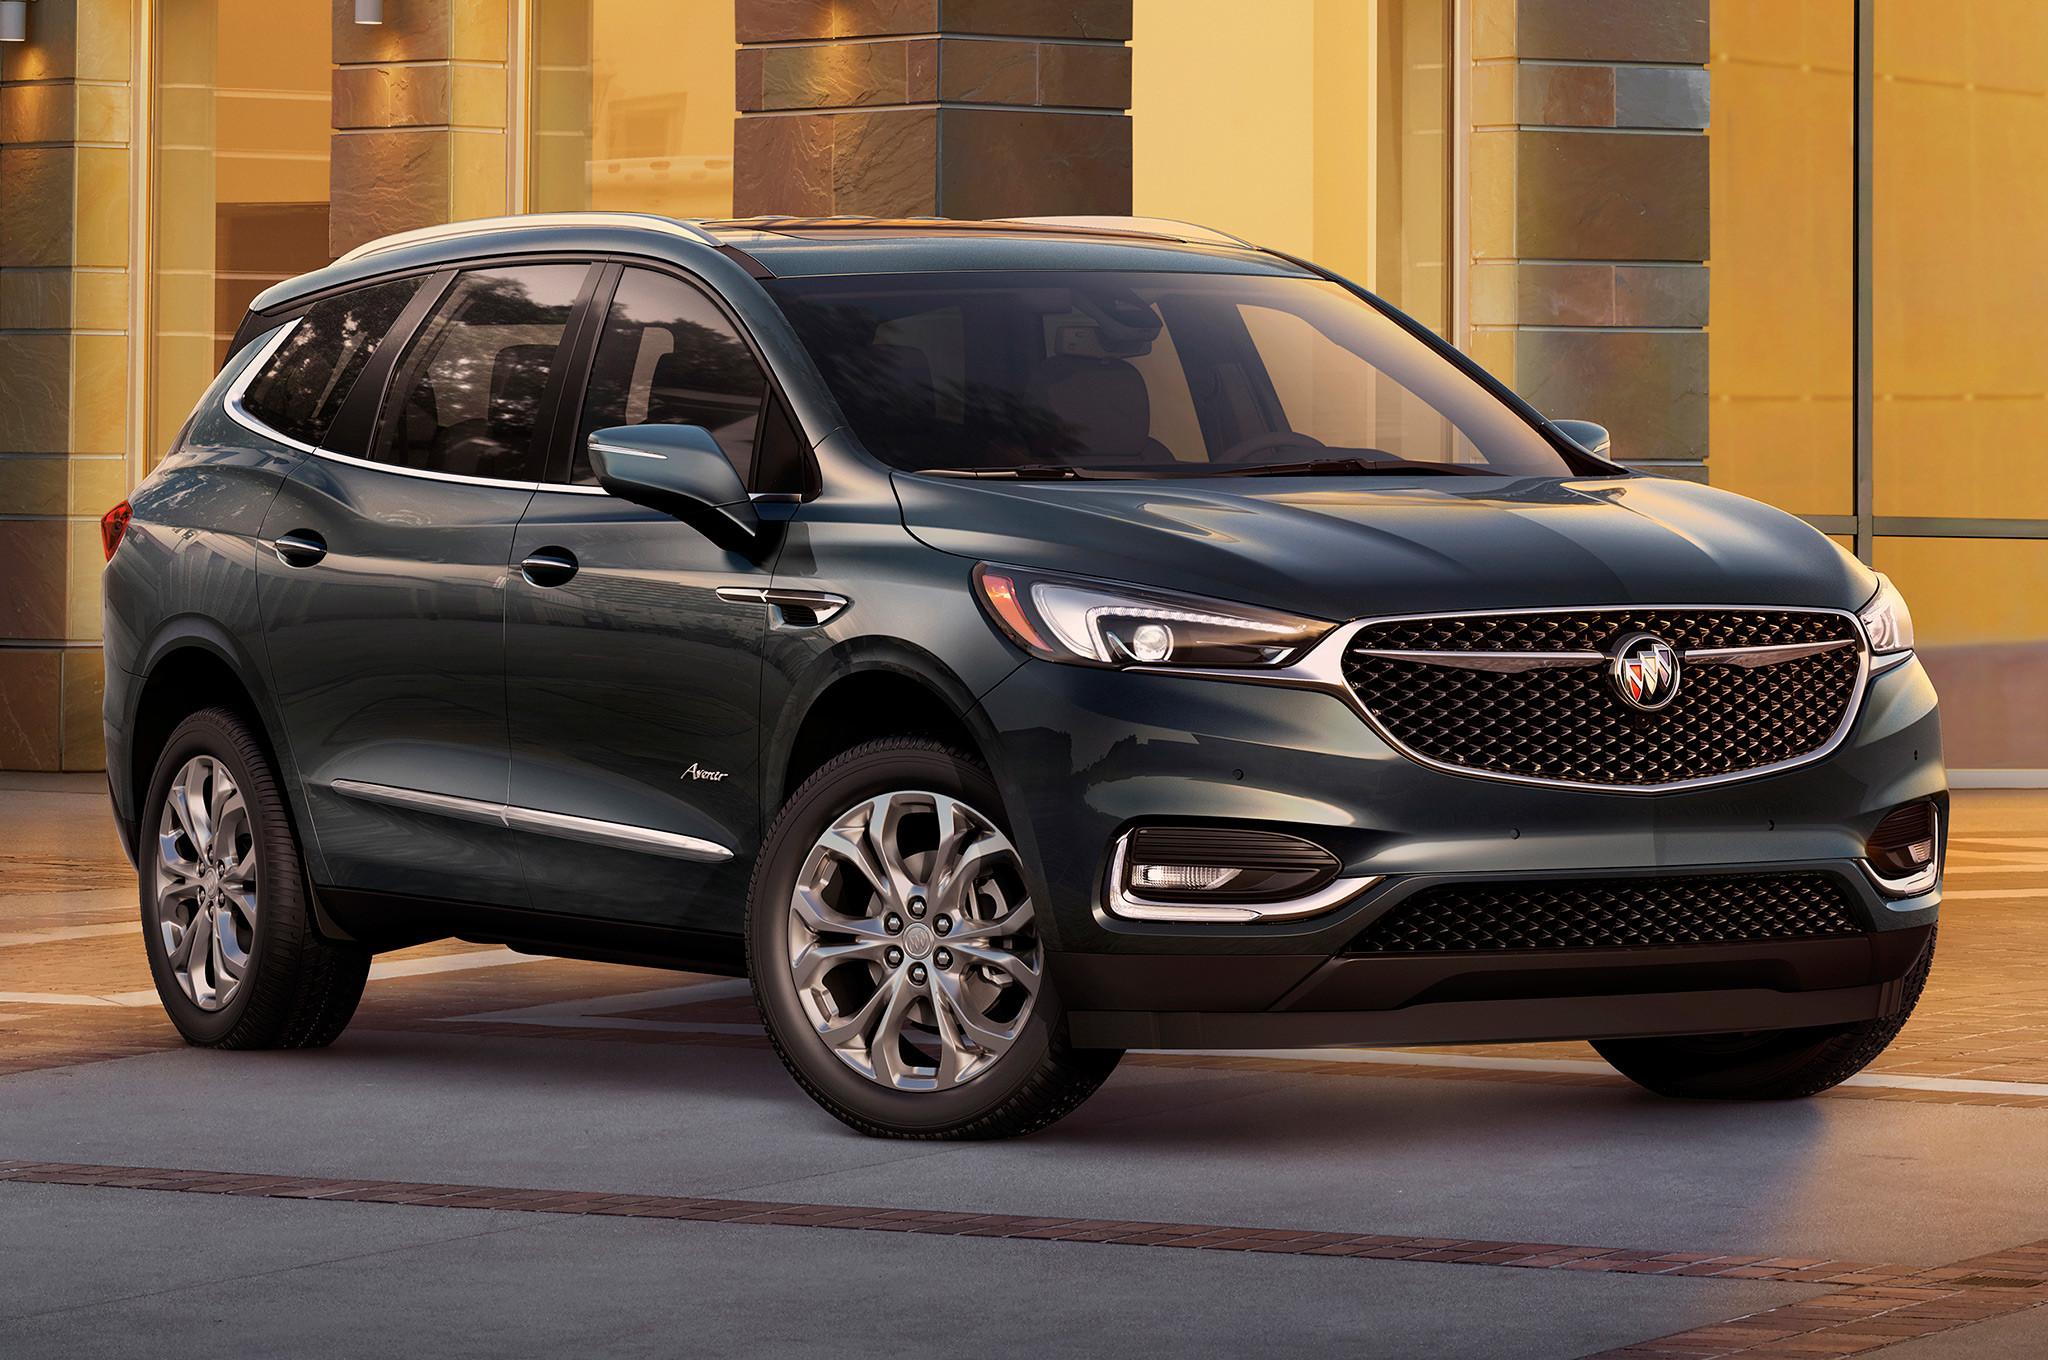 Продажи Buick Enclave 2018 начнутся этим летом